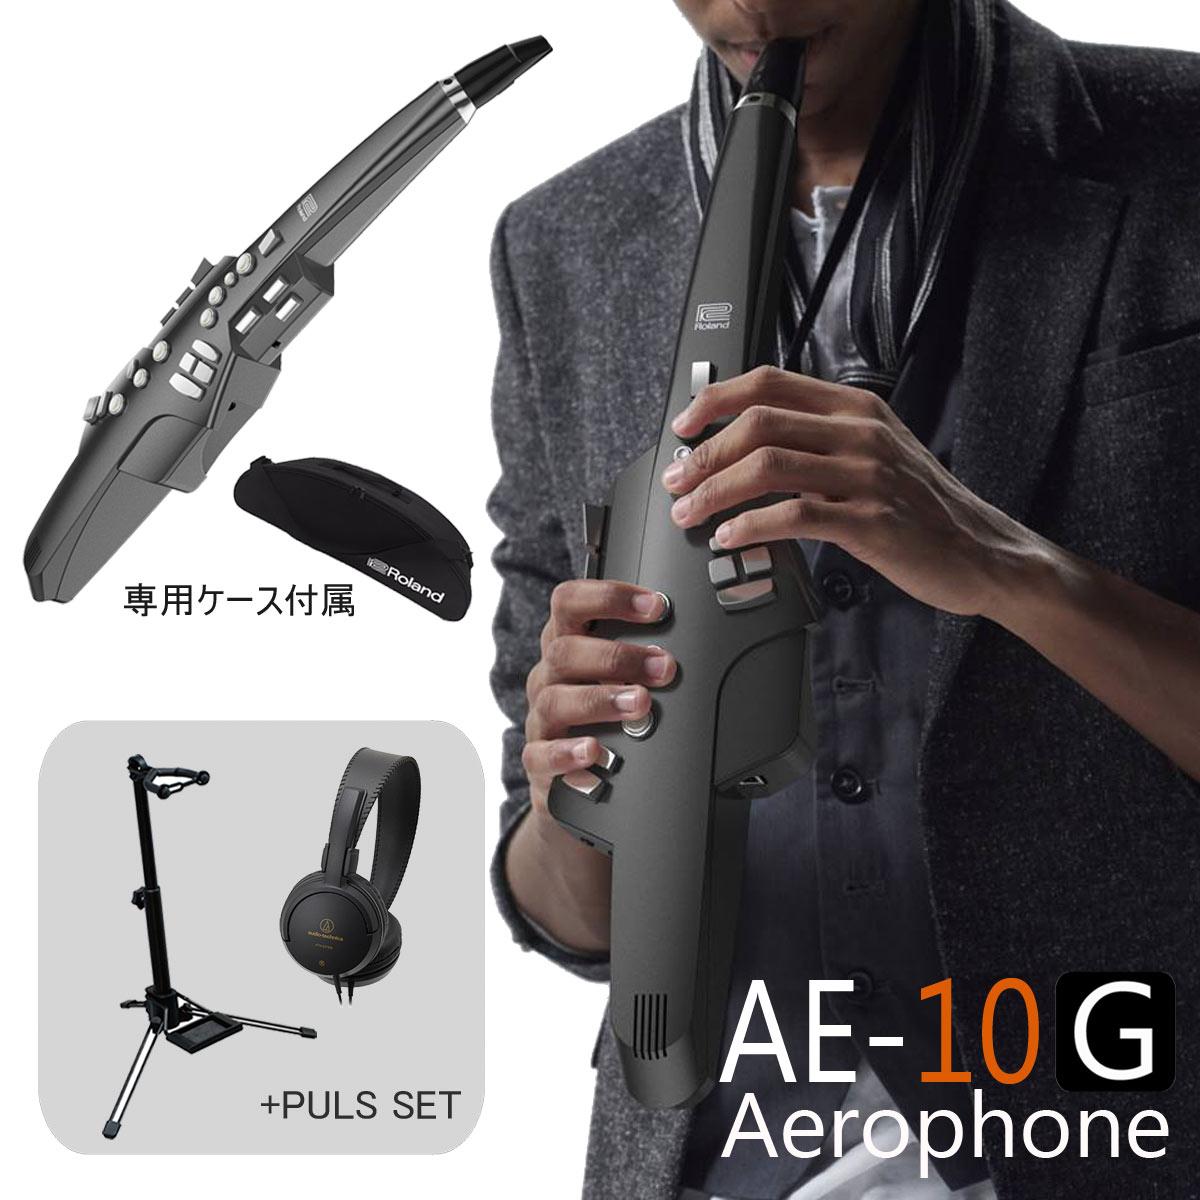 【在庫あり】Roland ローランド / Aerophone AE-10G エアロフォン グラファイトブラック デジタル管楽器 【スタンド&ヘッドフォンセット】【送料無料】【YRK】